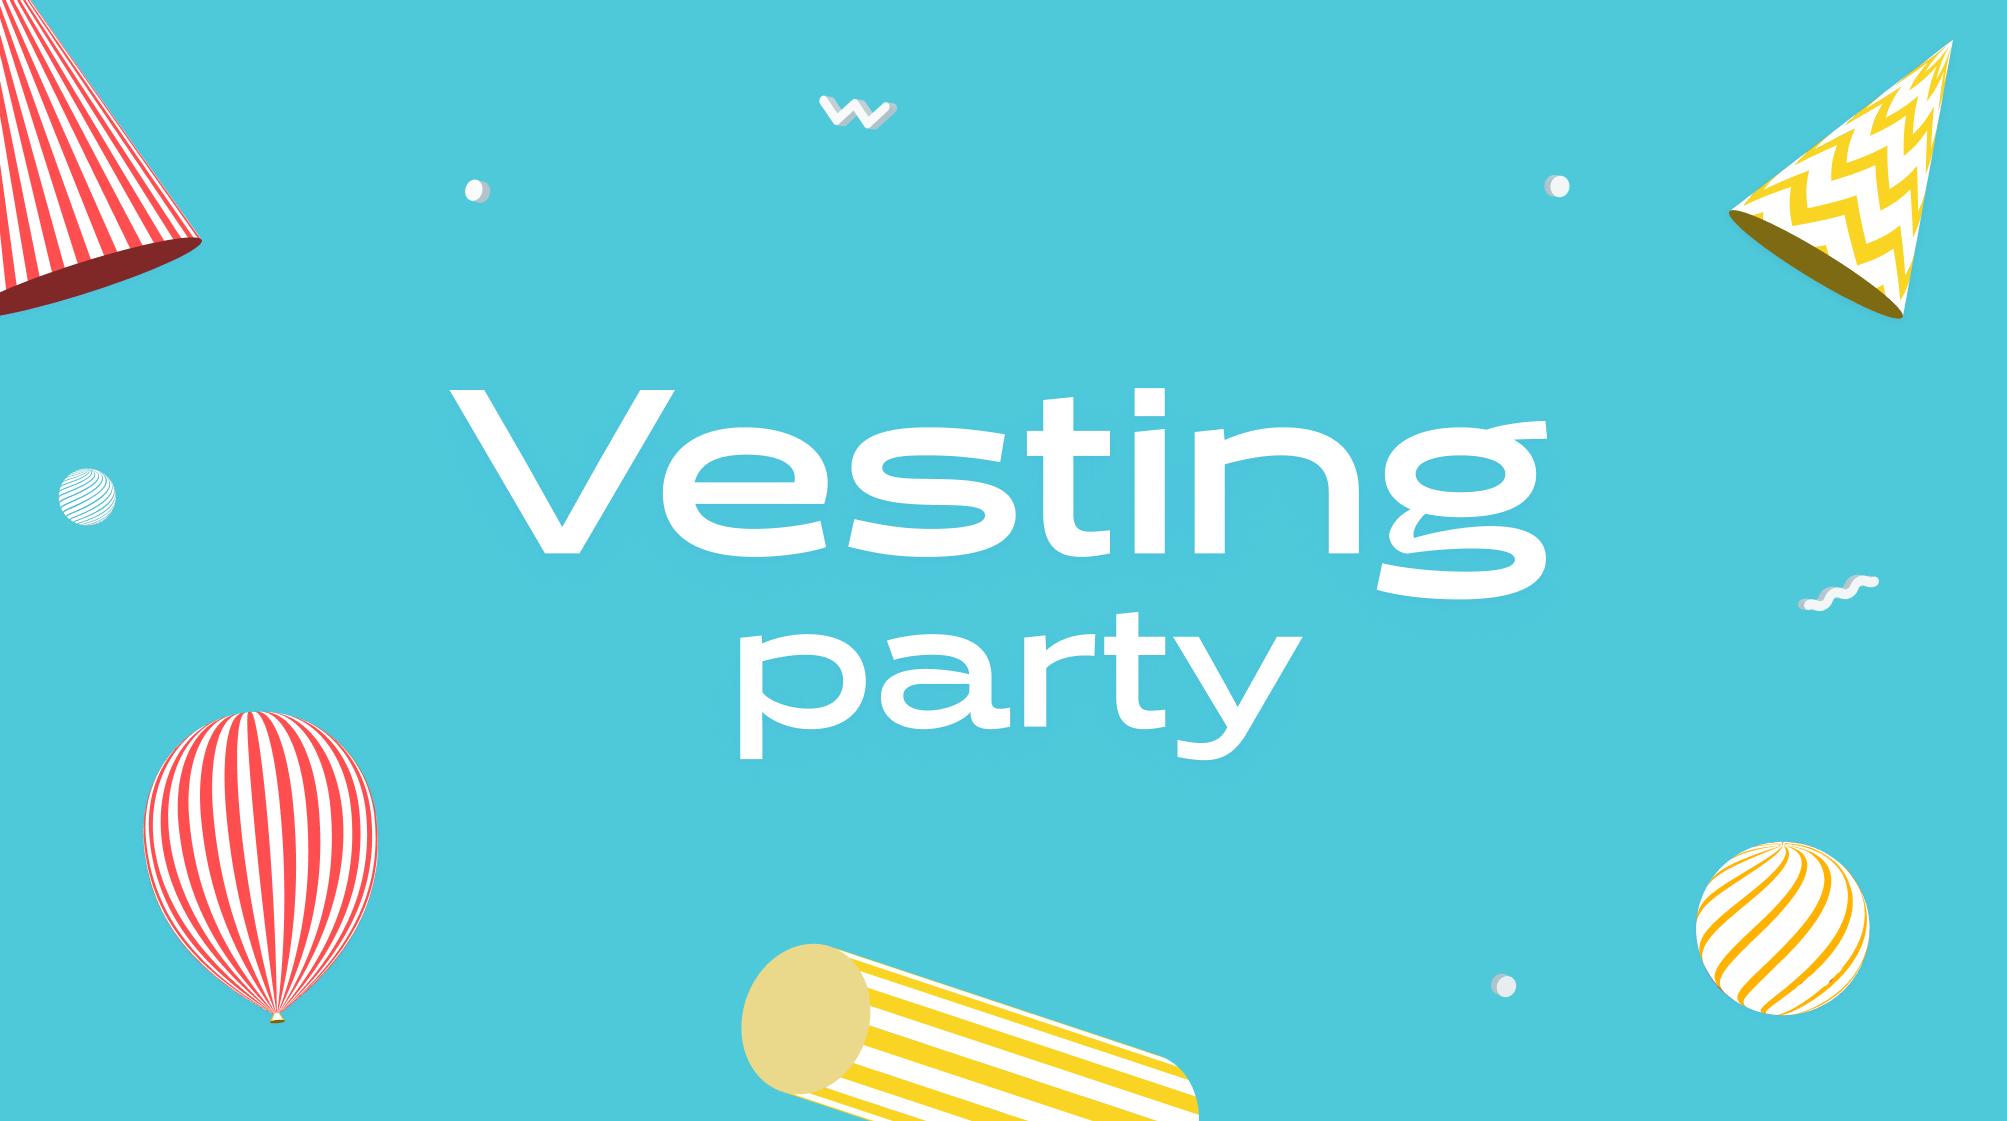 Vesting Party showcase